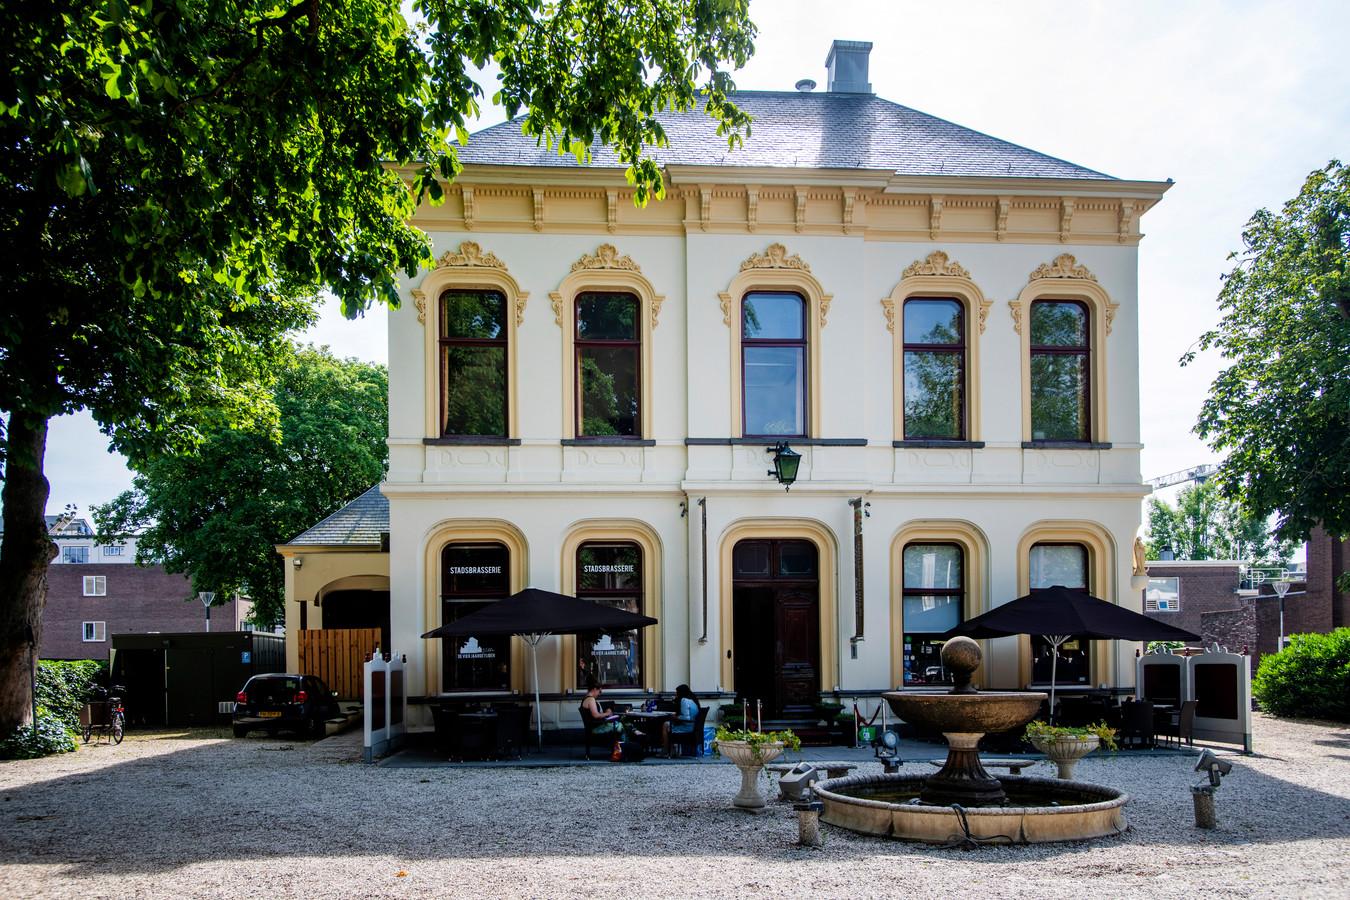 Villa de Vier Jaargetijden is met zijn 1,9 miljoen euro het duurste te koop staande pand van de binnenstad